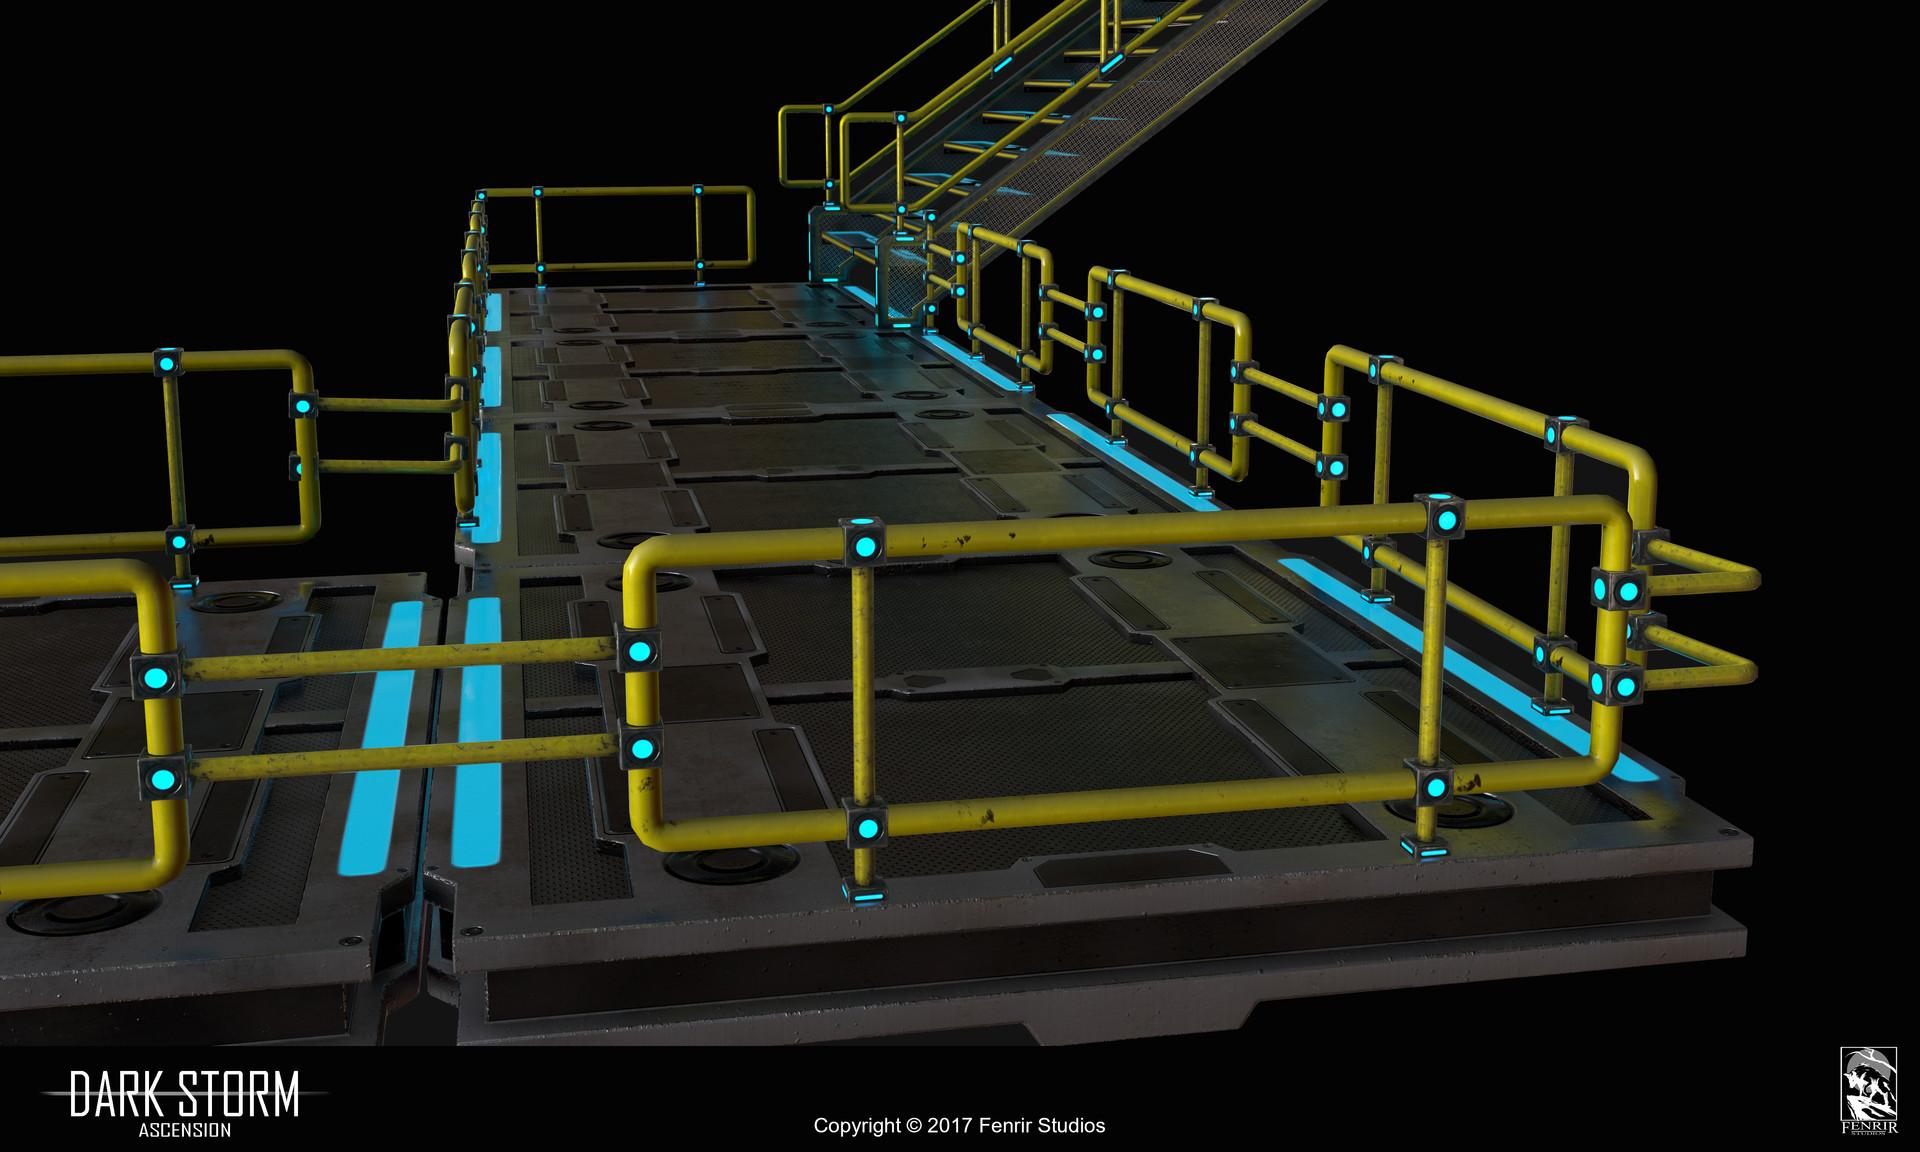 Nikolaos kaltsogiannis presentation stairs 2